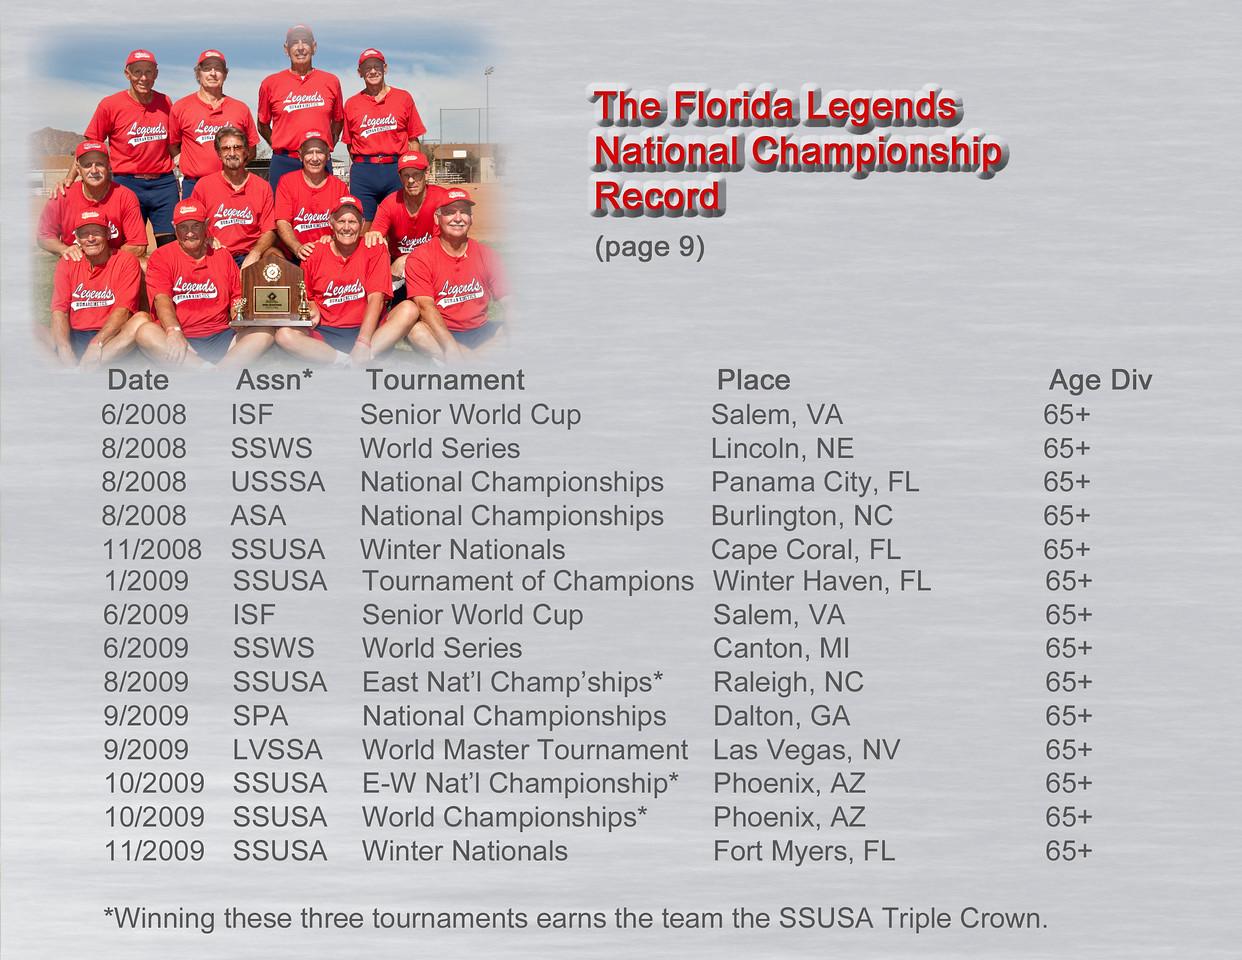 2008 through 2009 record.